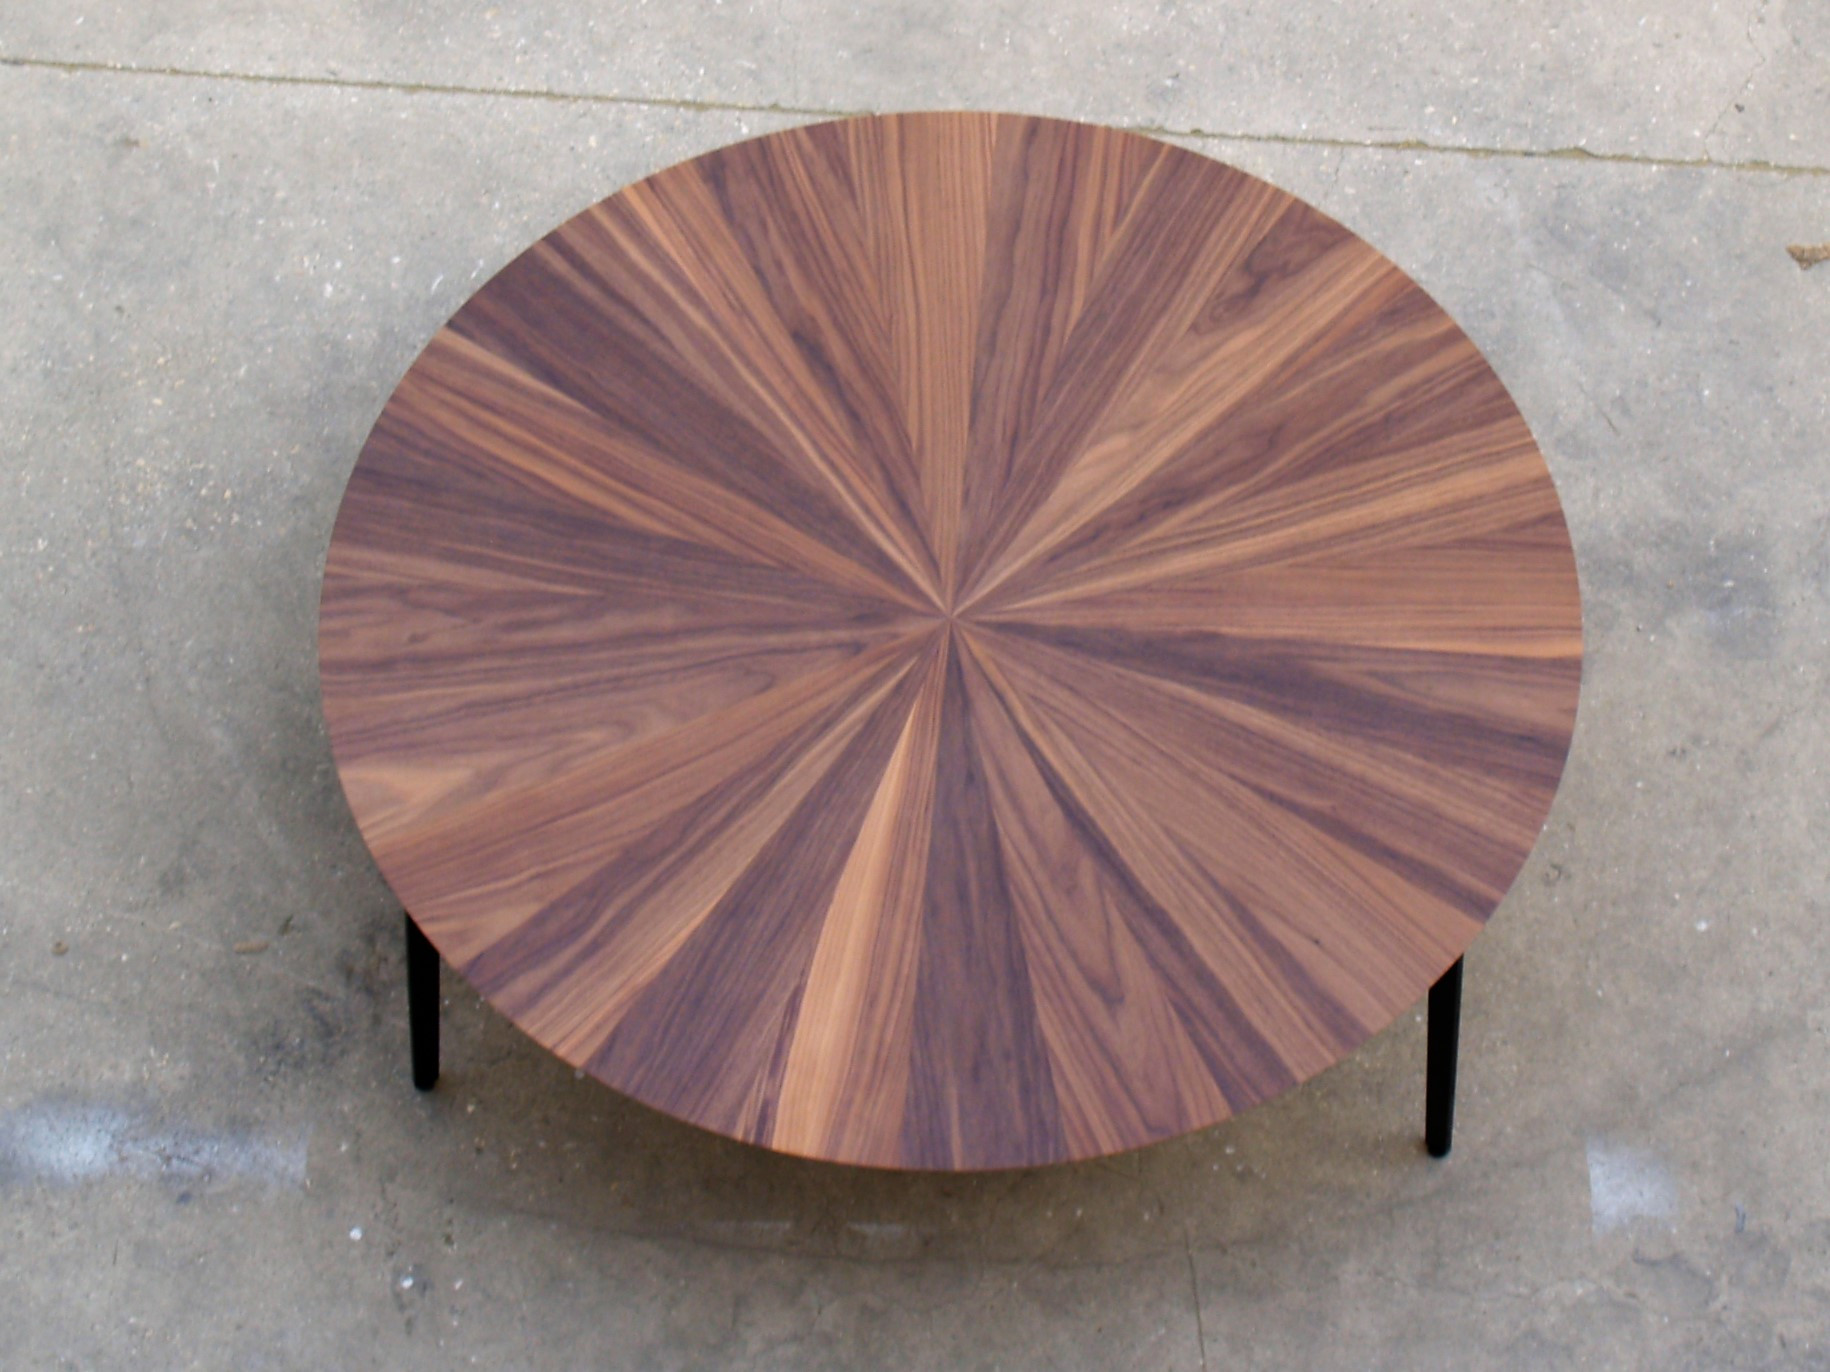 שולחן קפה עגול אגוז אמריקאי.jpg